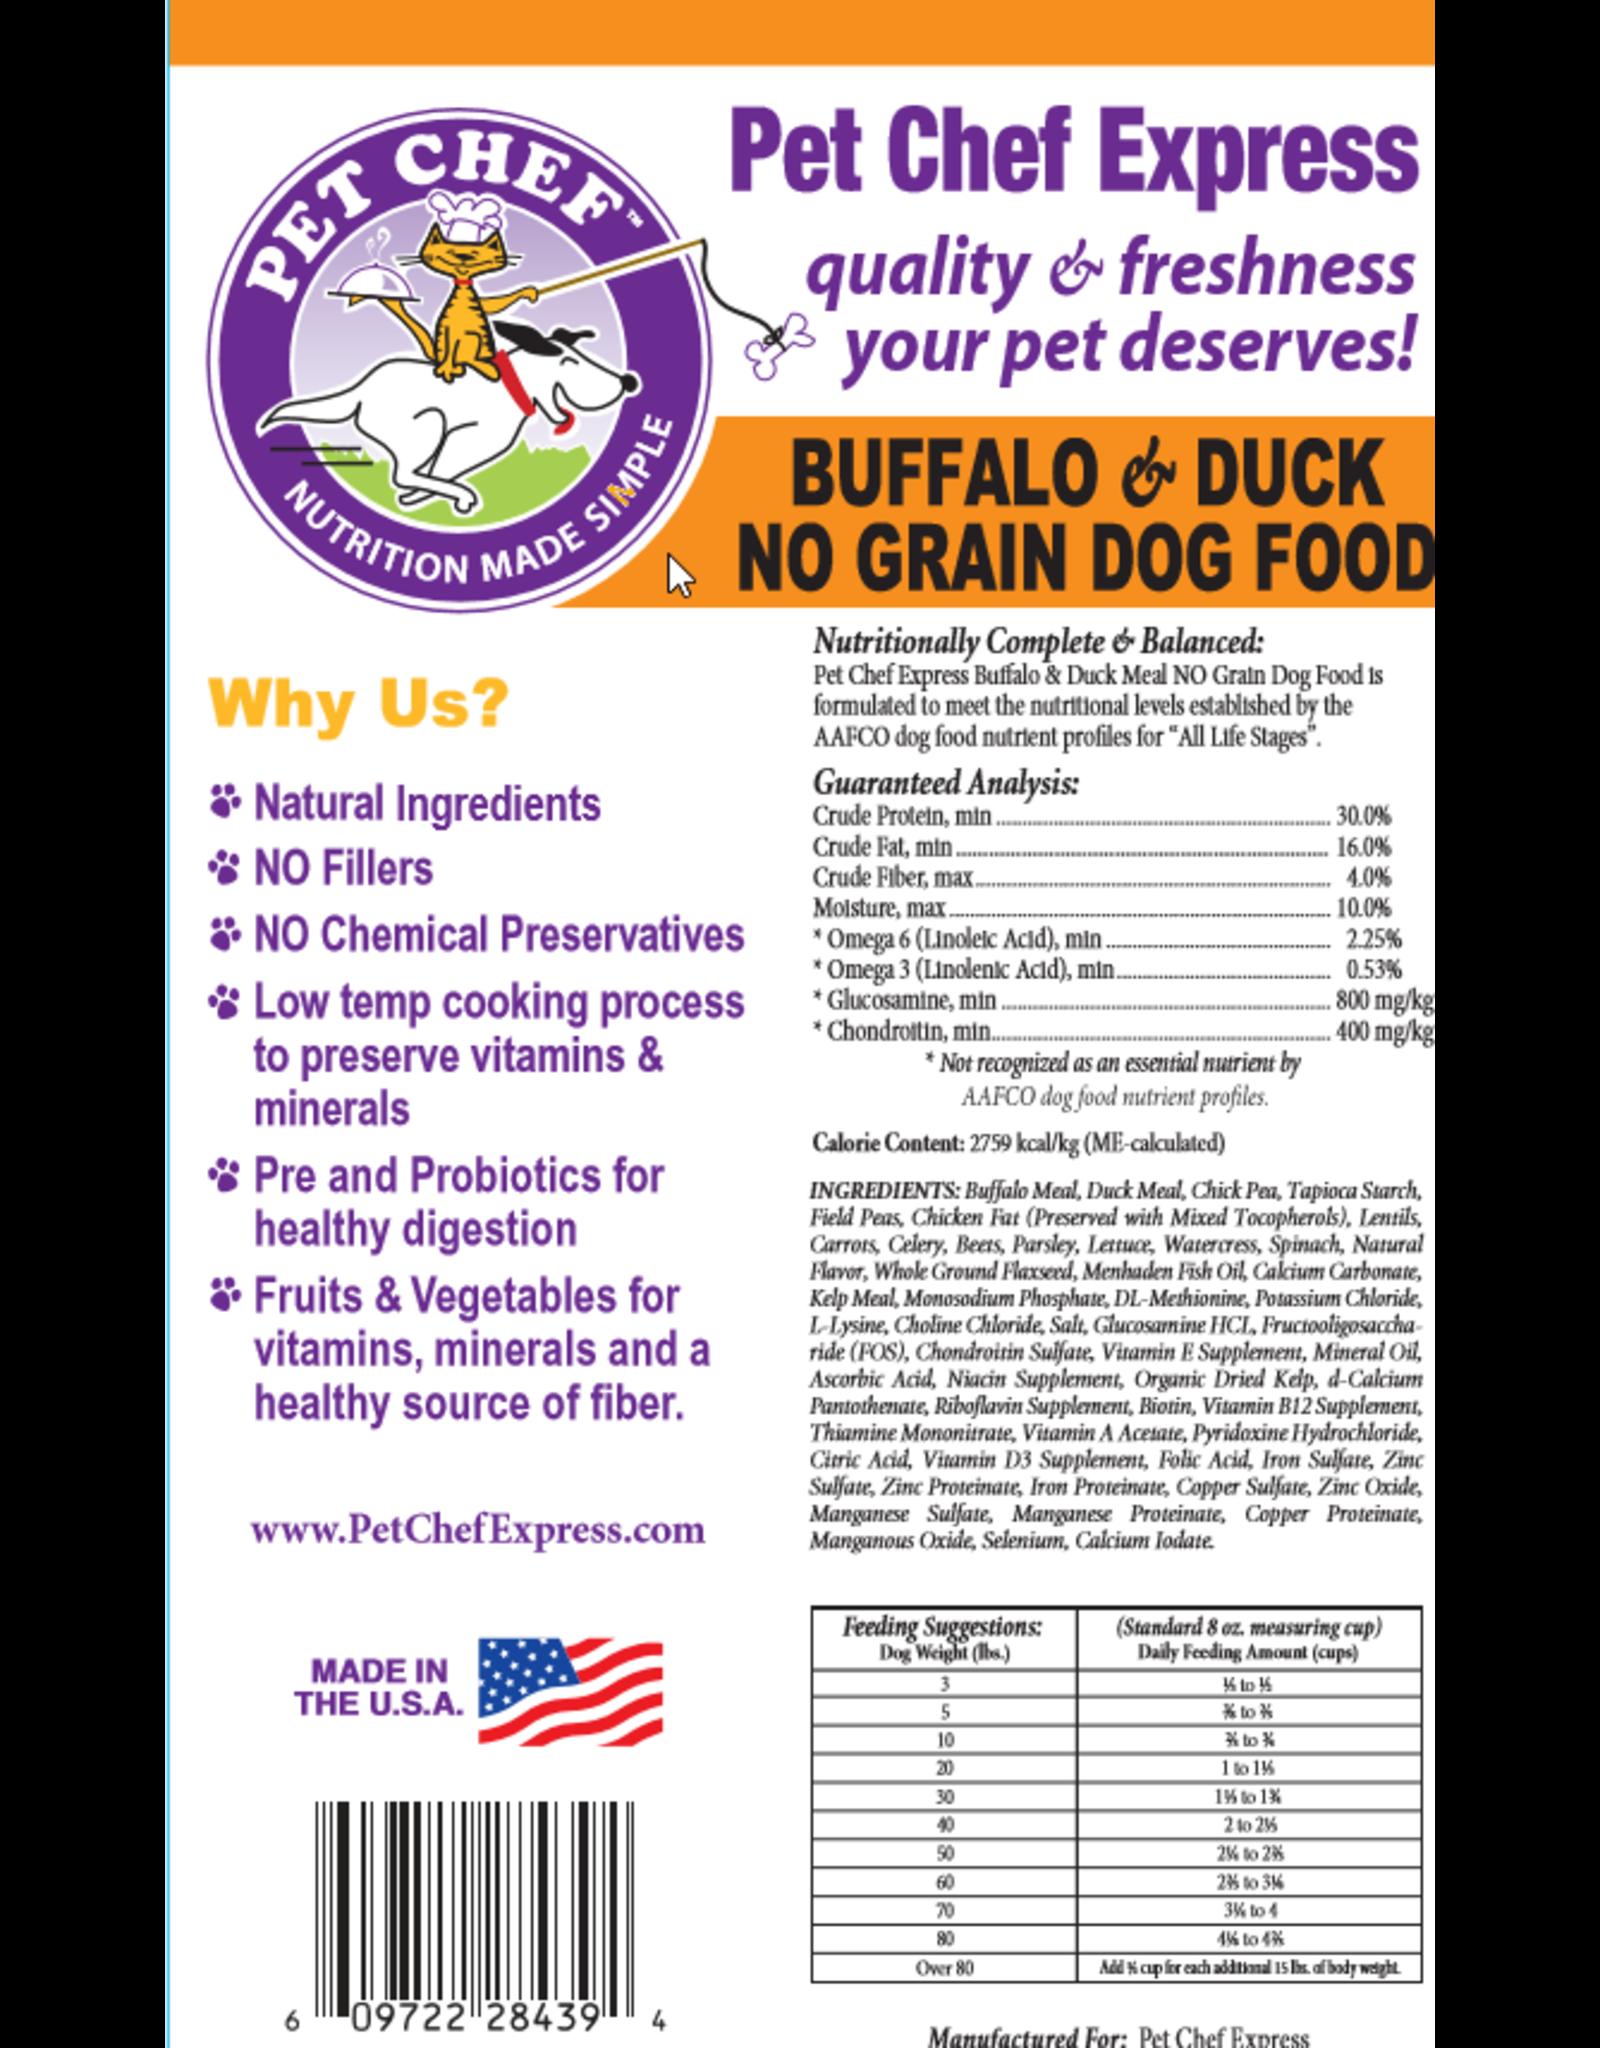 Pet Chef Express PCE Buffalo & Duck Grain Free